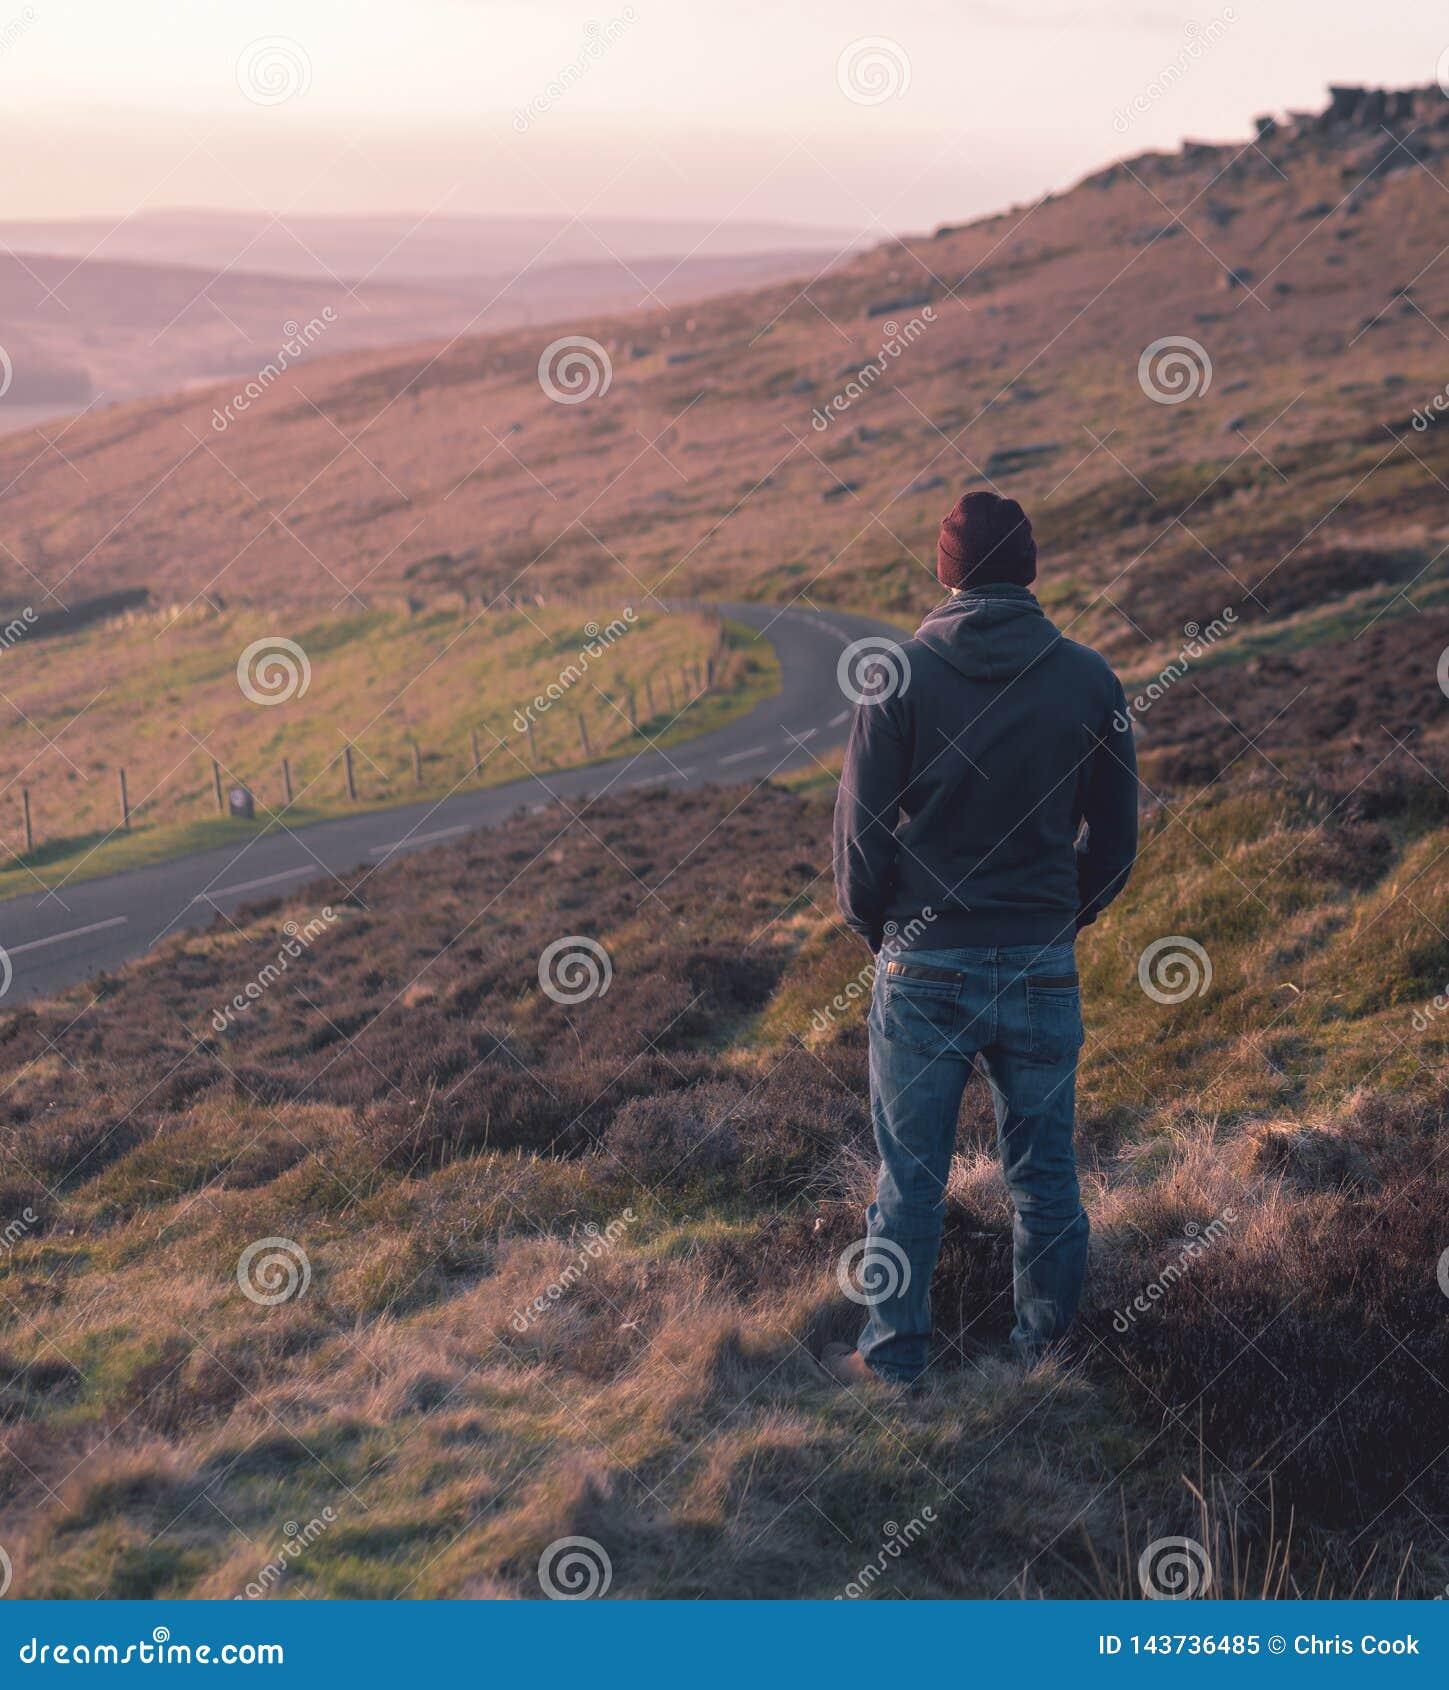 El hombre solitario mira fijamente hacia fuera sobre prado durante puesta del sol